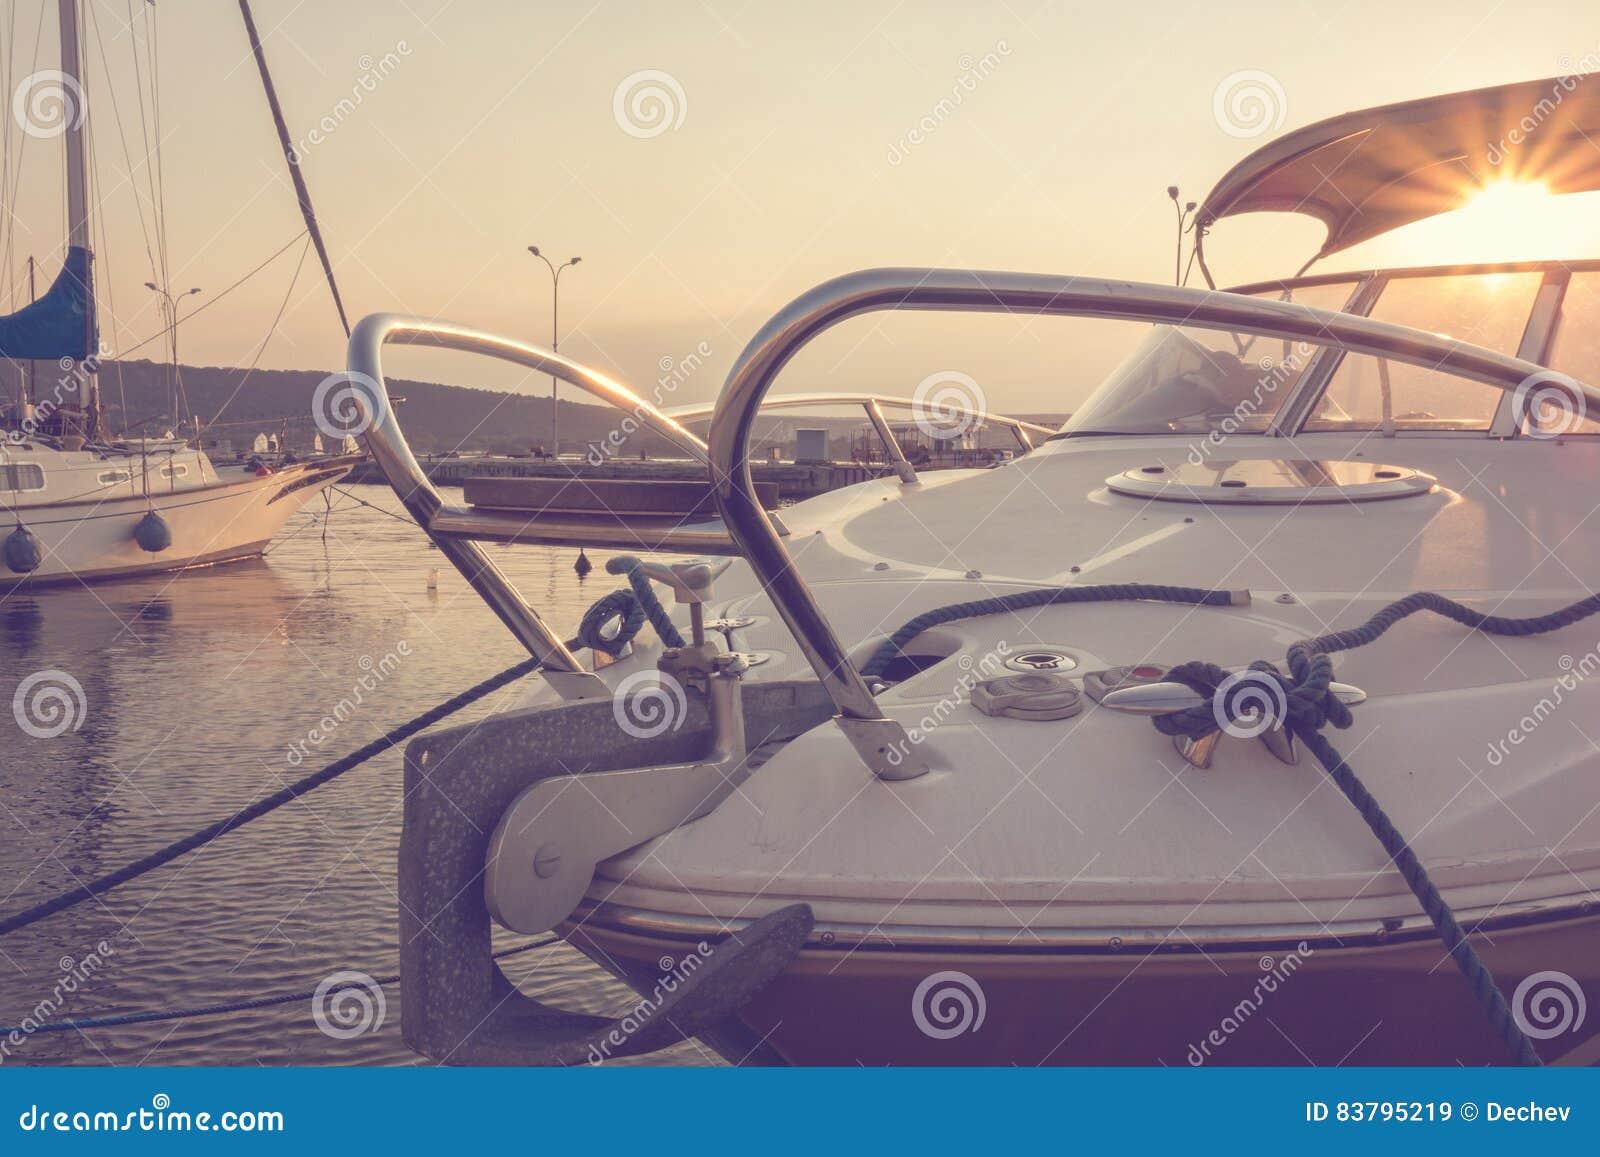 Jachthafen mit angekoppelten Yachten bei dem Sonnenuntergang yachting segeln kleines Auto auf Dublin-Stadtkarte ferien